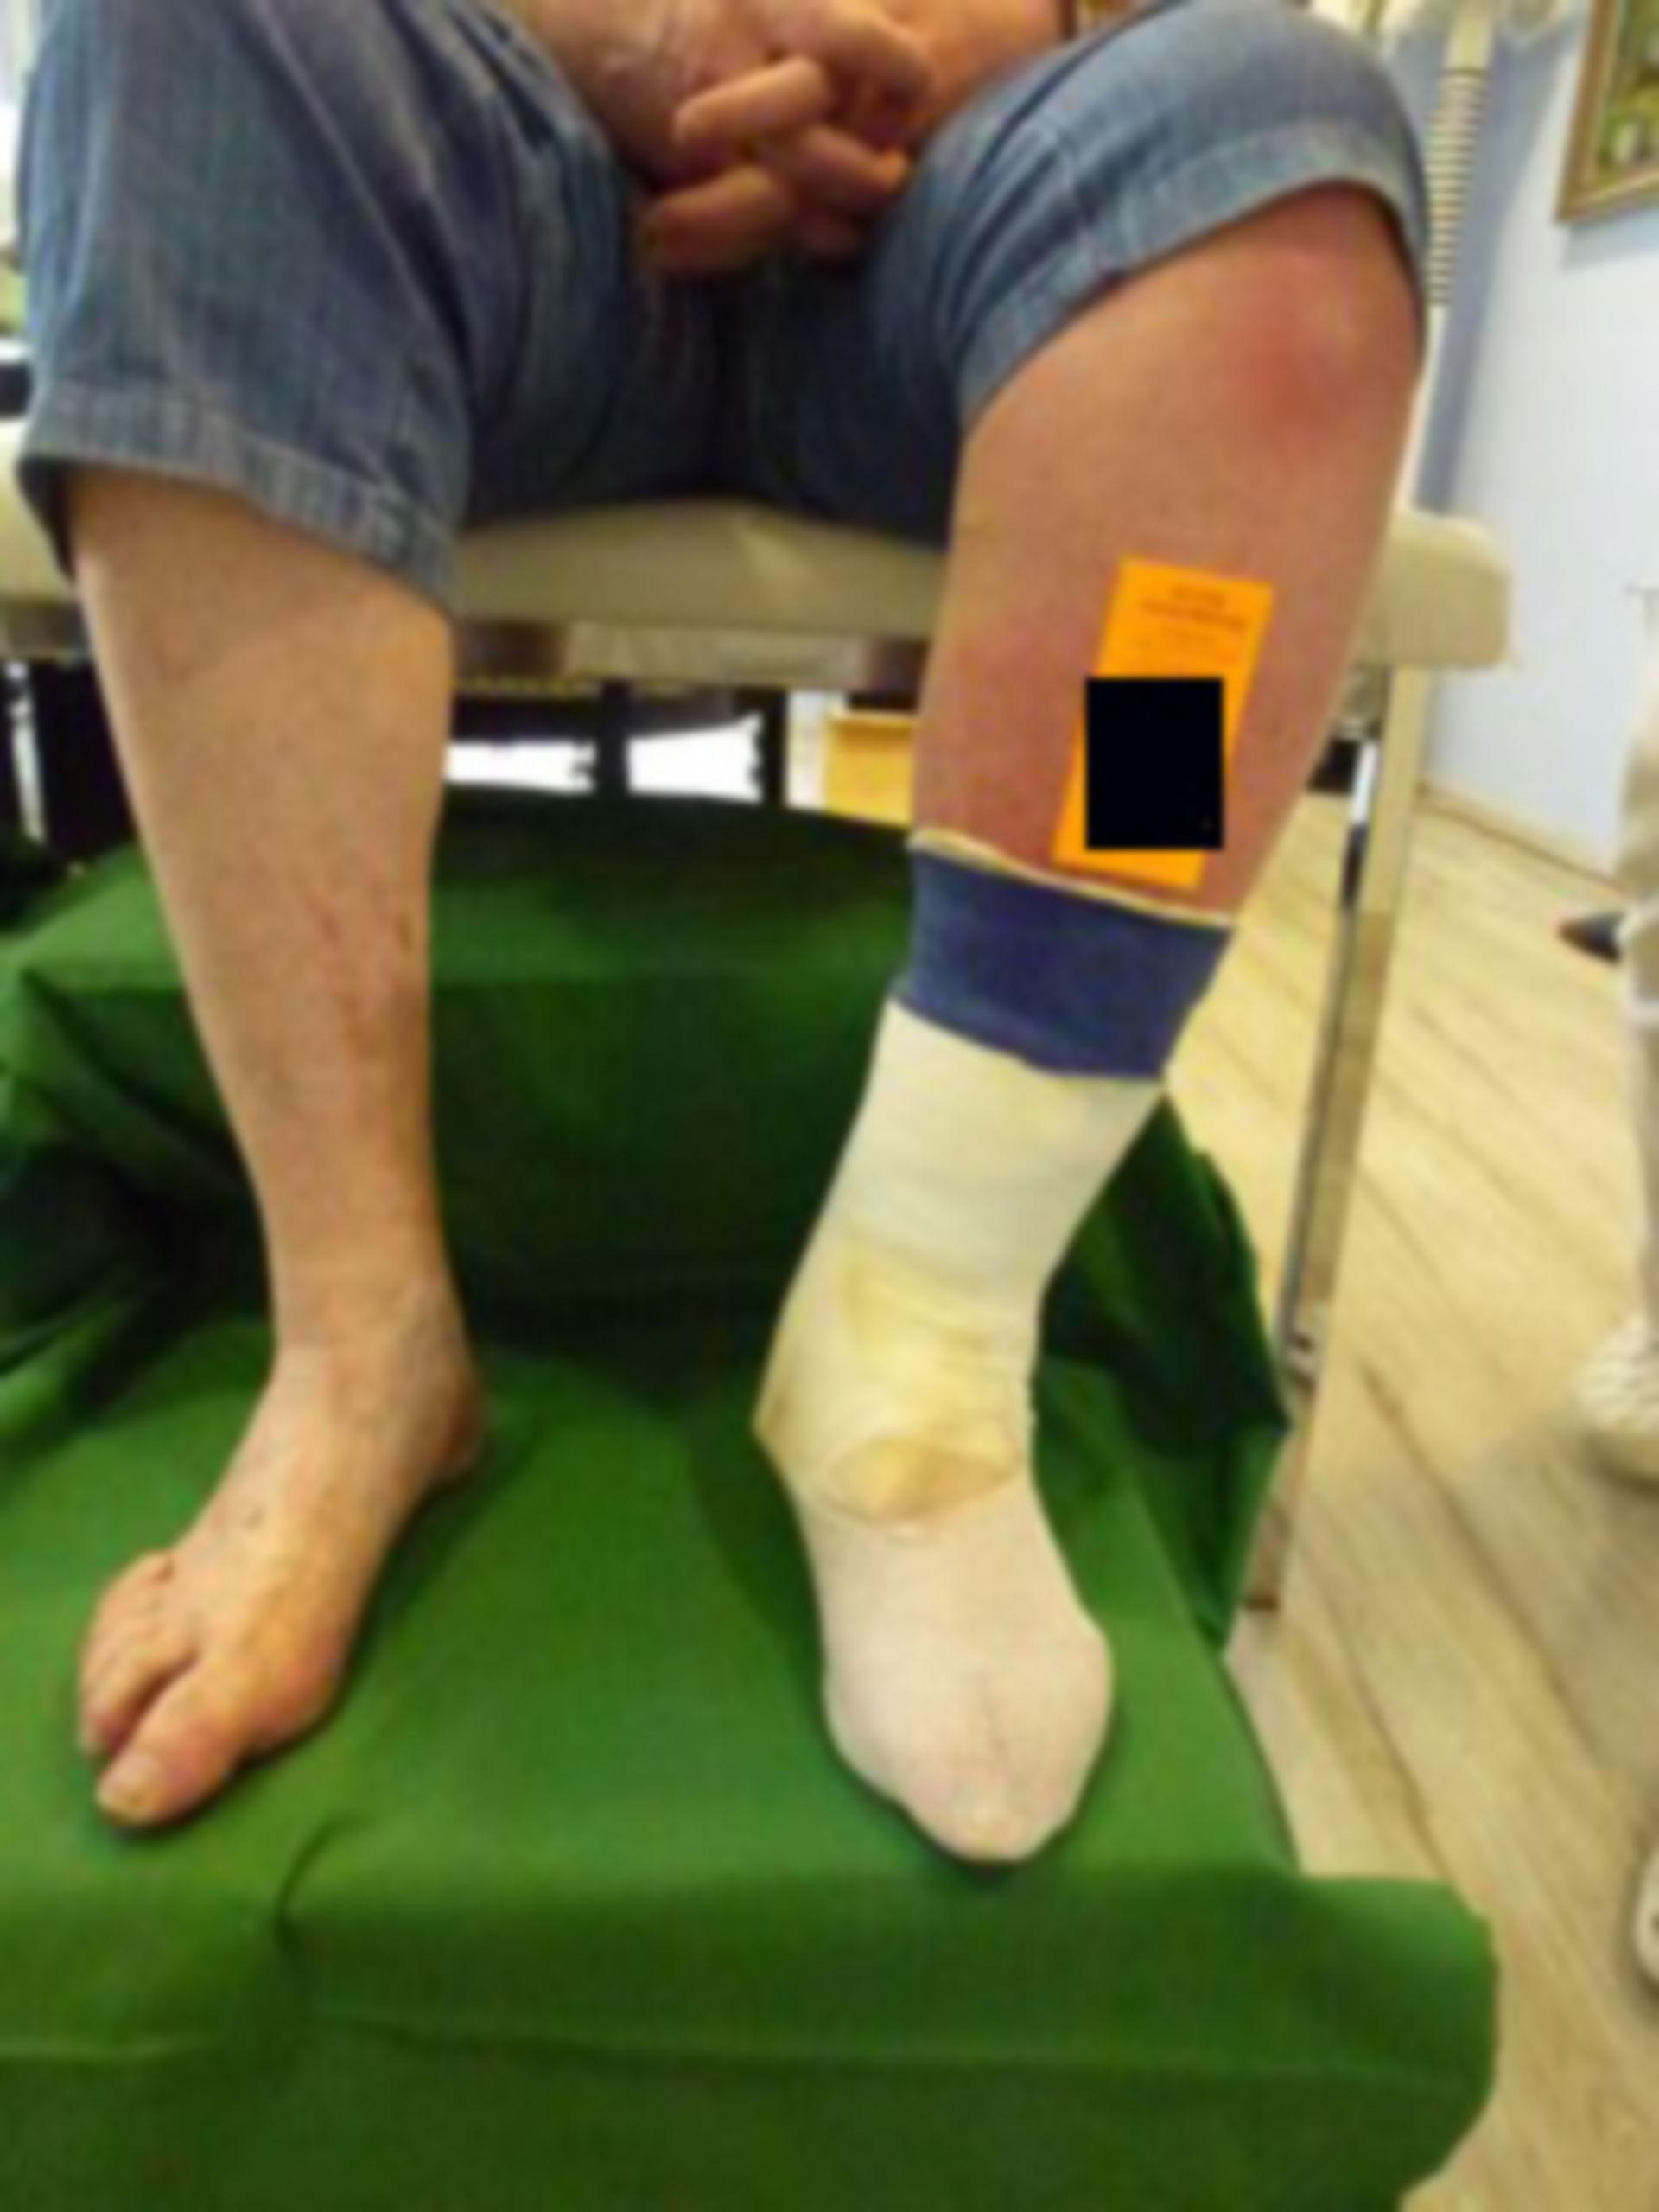 Úlcera de la pierna - Cerrada dentro de 72 horas (1)